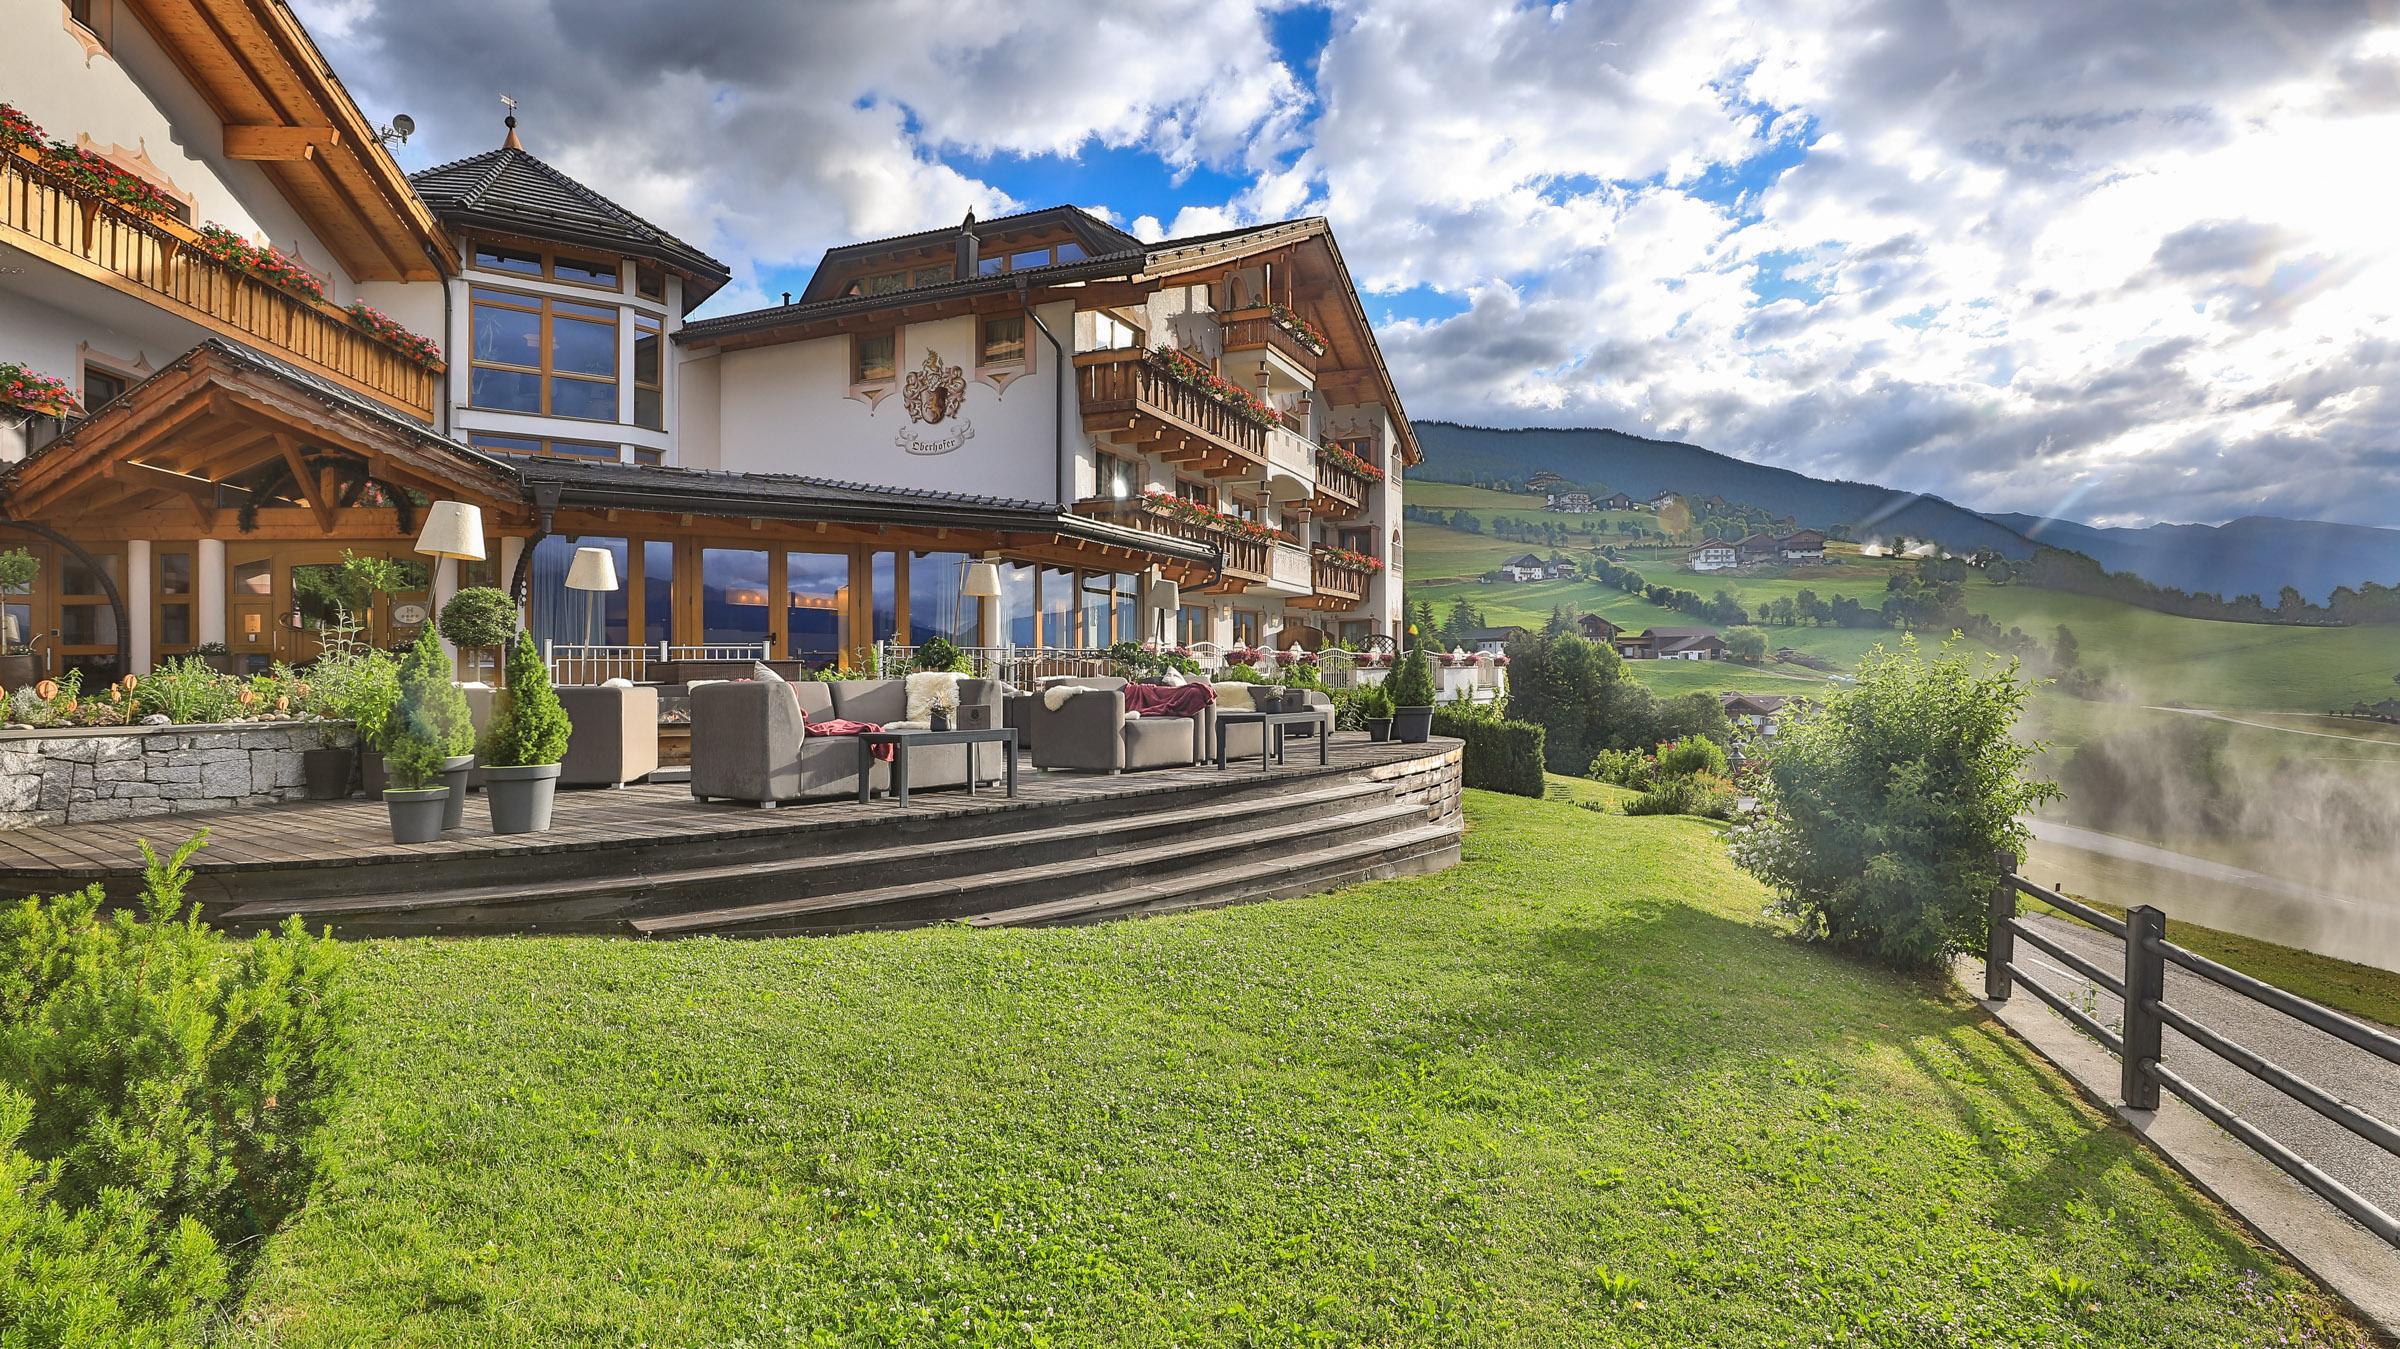 Gitschtal Jochberg Hotel der Berge